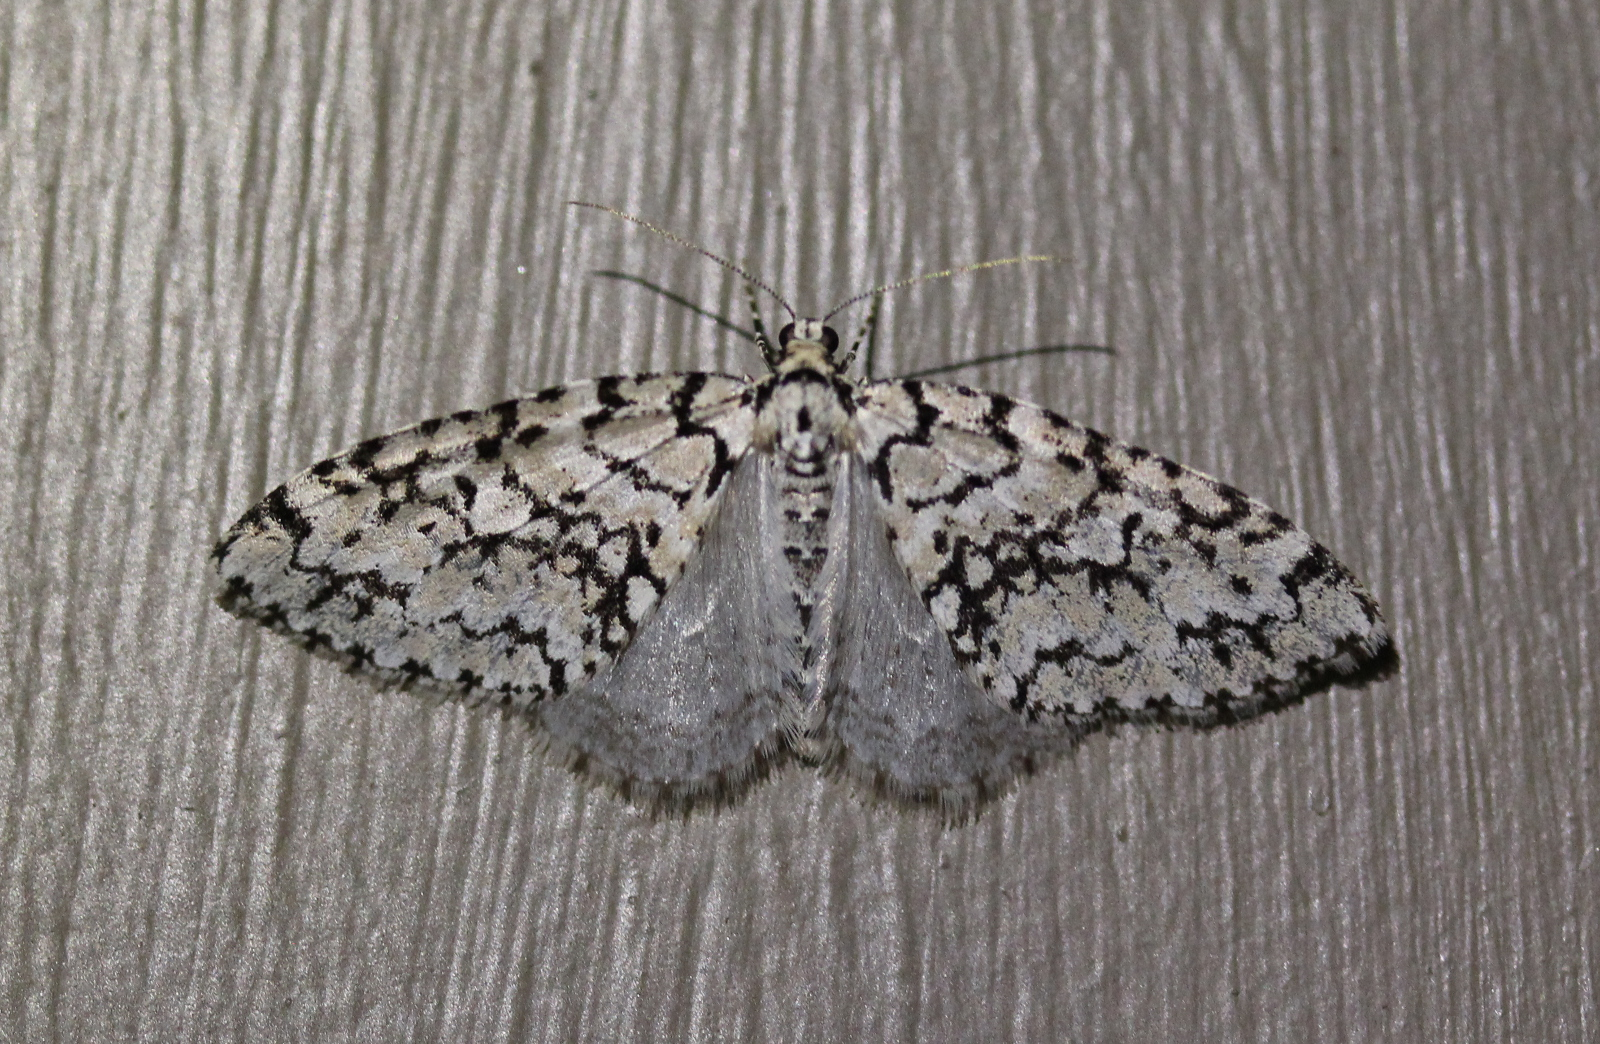 mottled black/white moth on painted door